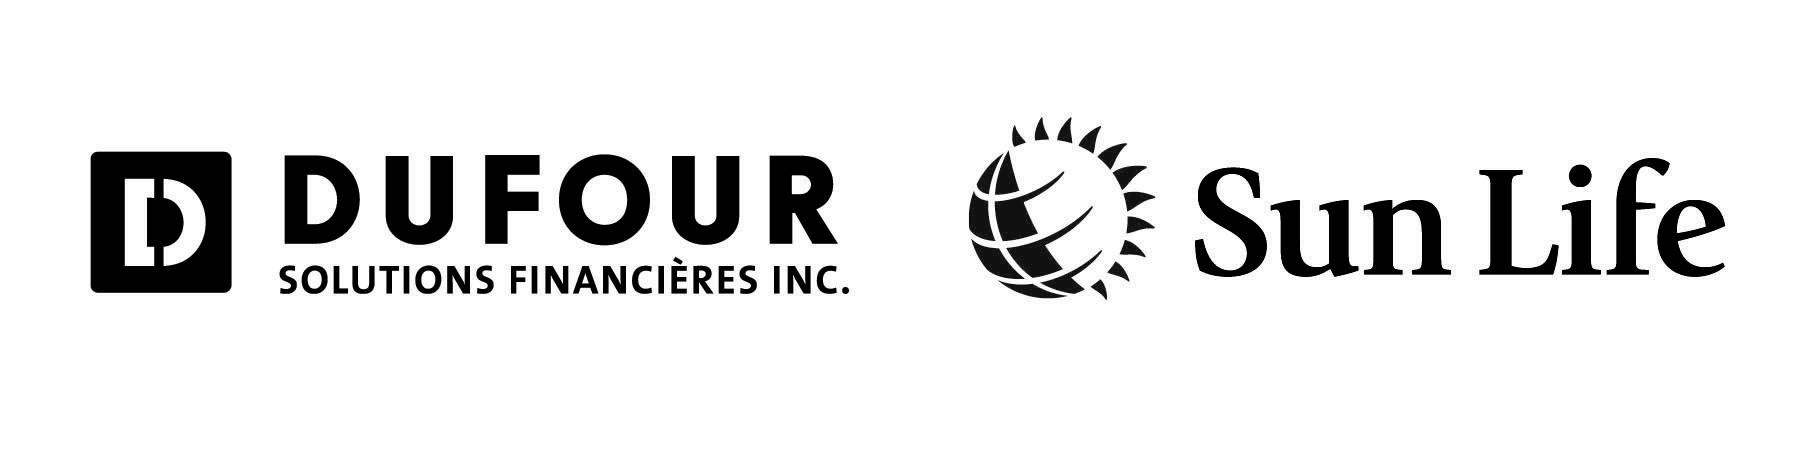 Dufour Solutions financières et SunLife